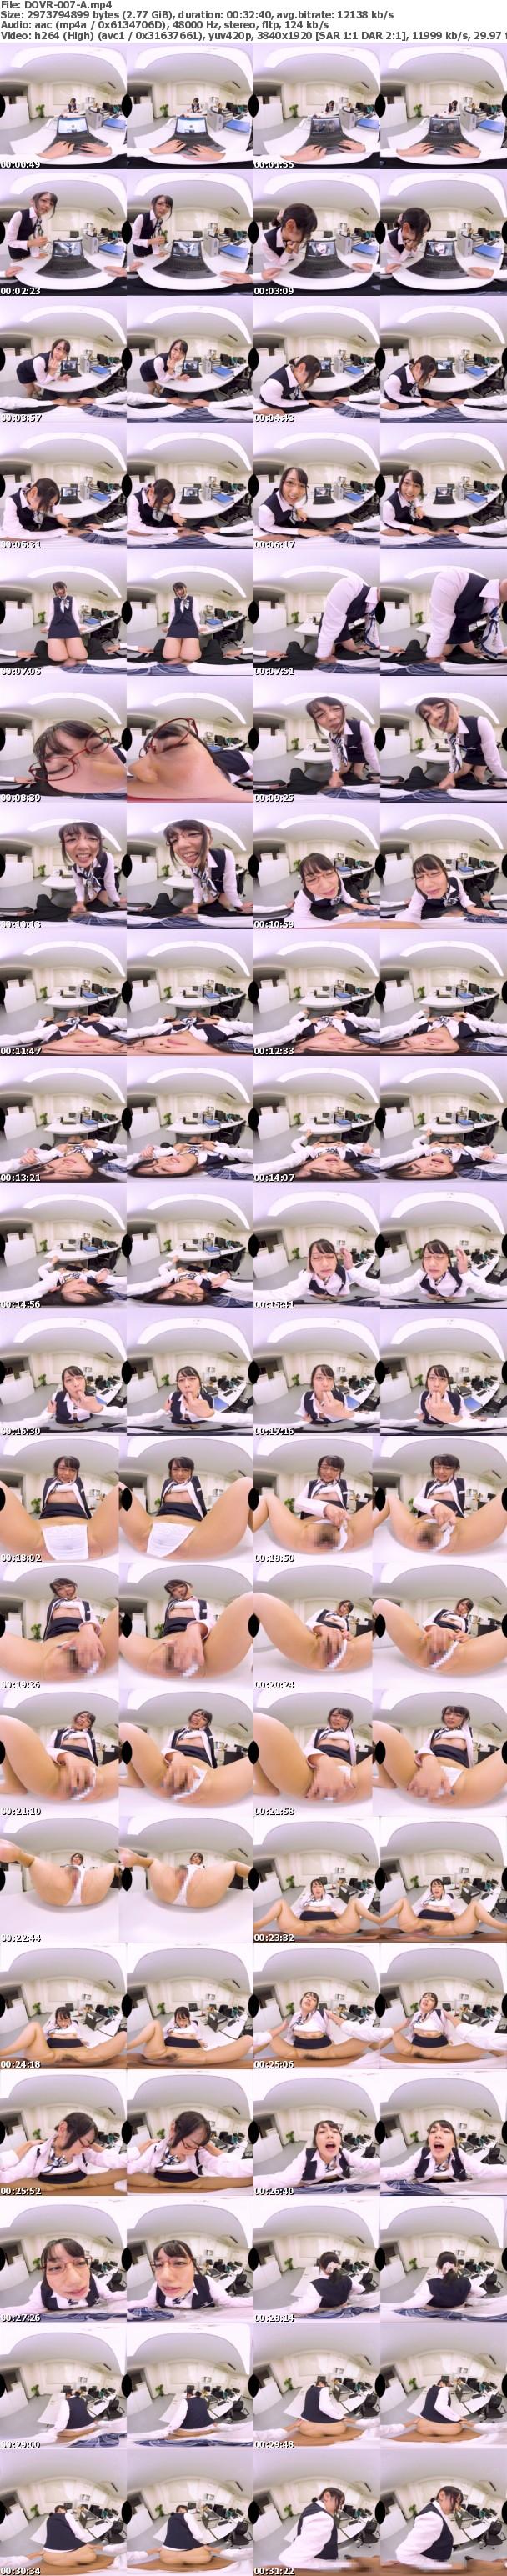 (VR) DOVR-007 新社会人応援!こんな会社なら働きたい!働く女性堪能スペシャル! 美咲かんな